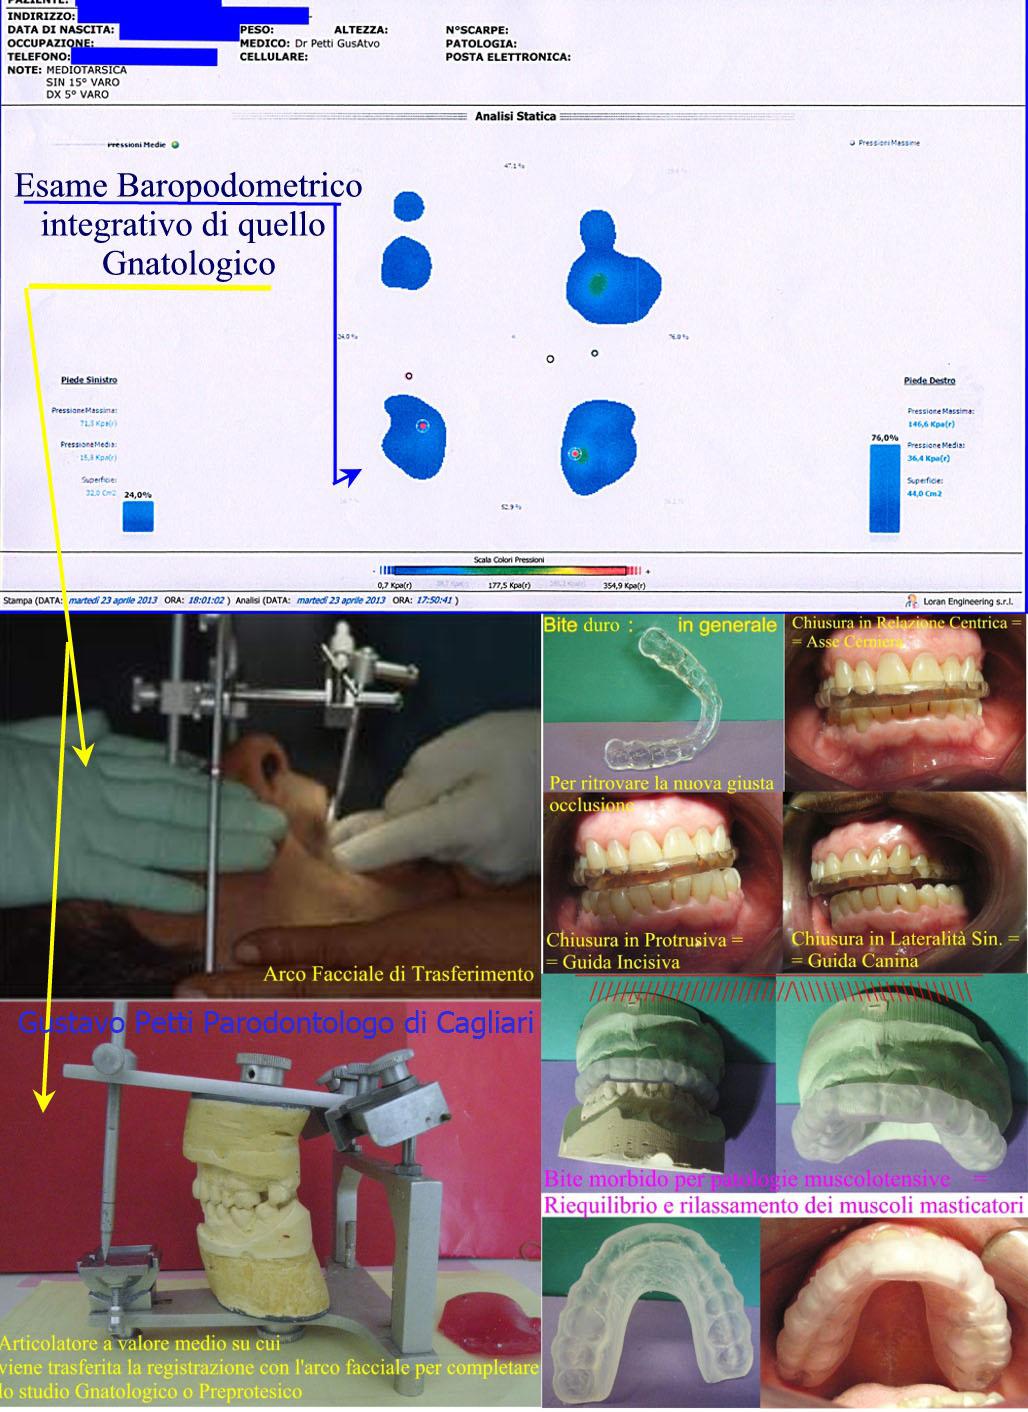 analisi-gnatologica-dr-g.petti-cagliari-1011.jpg